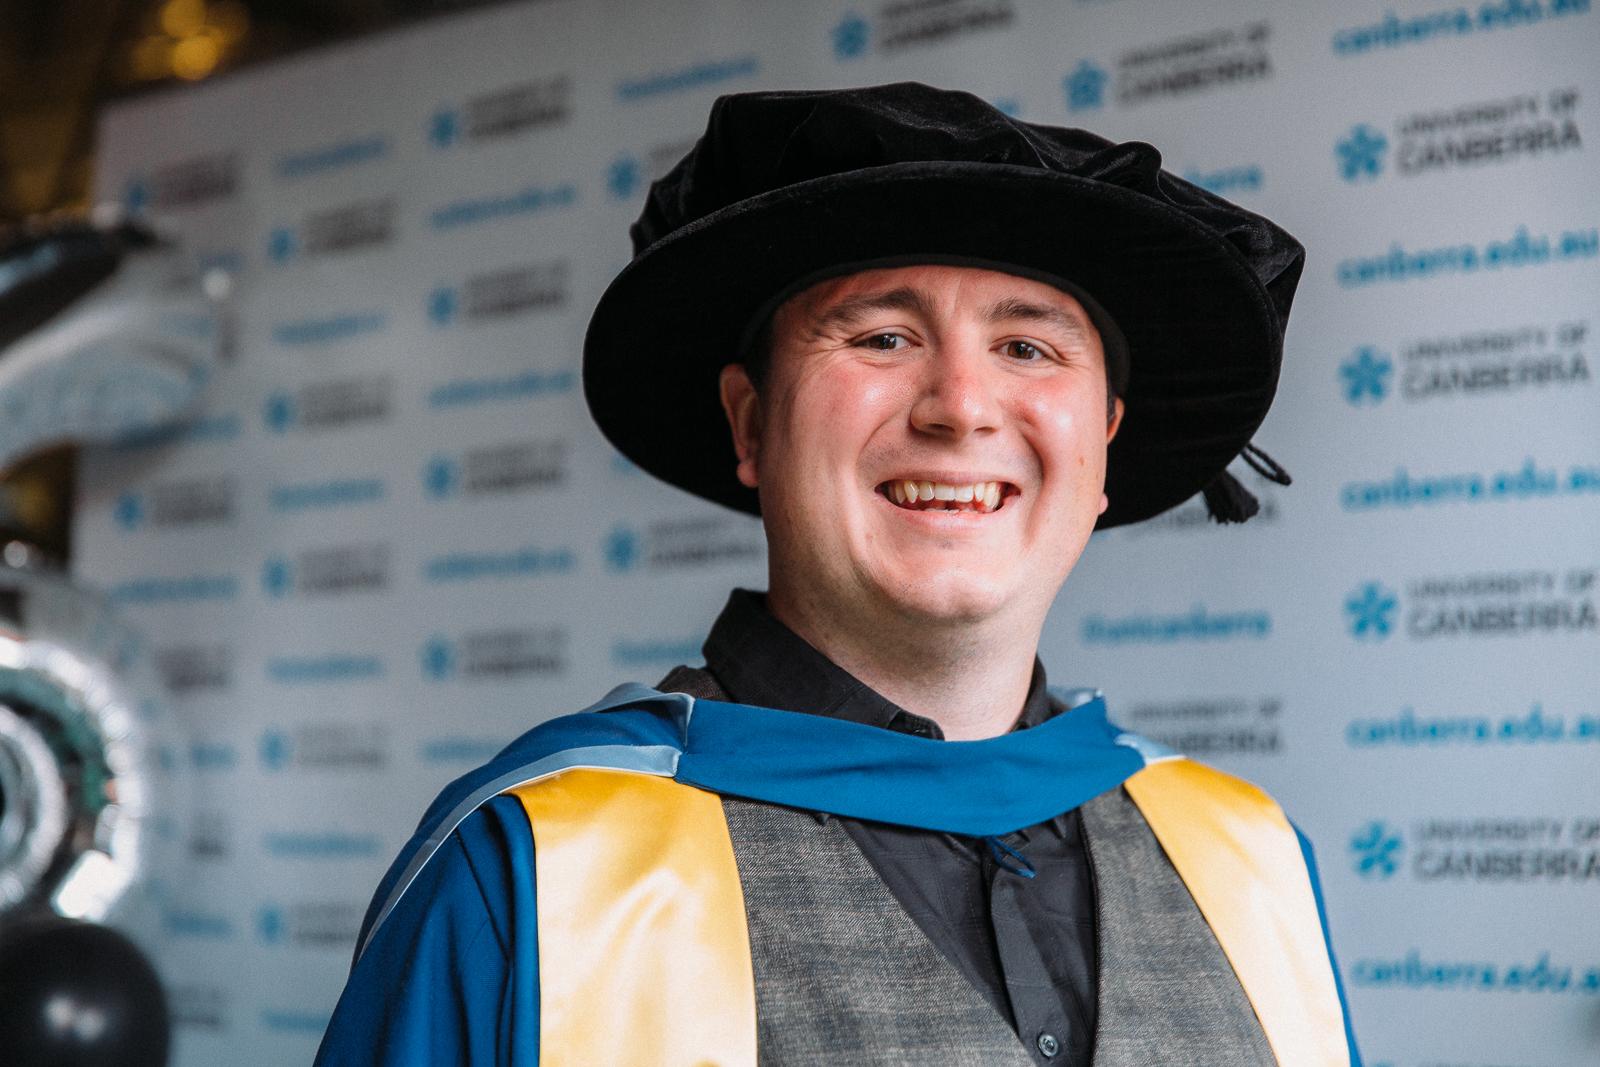 Dr Max Halupka at his graduation